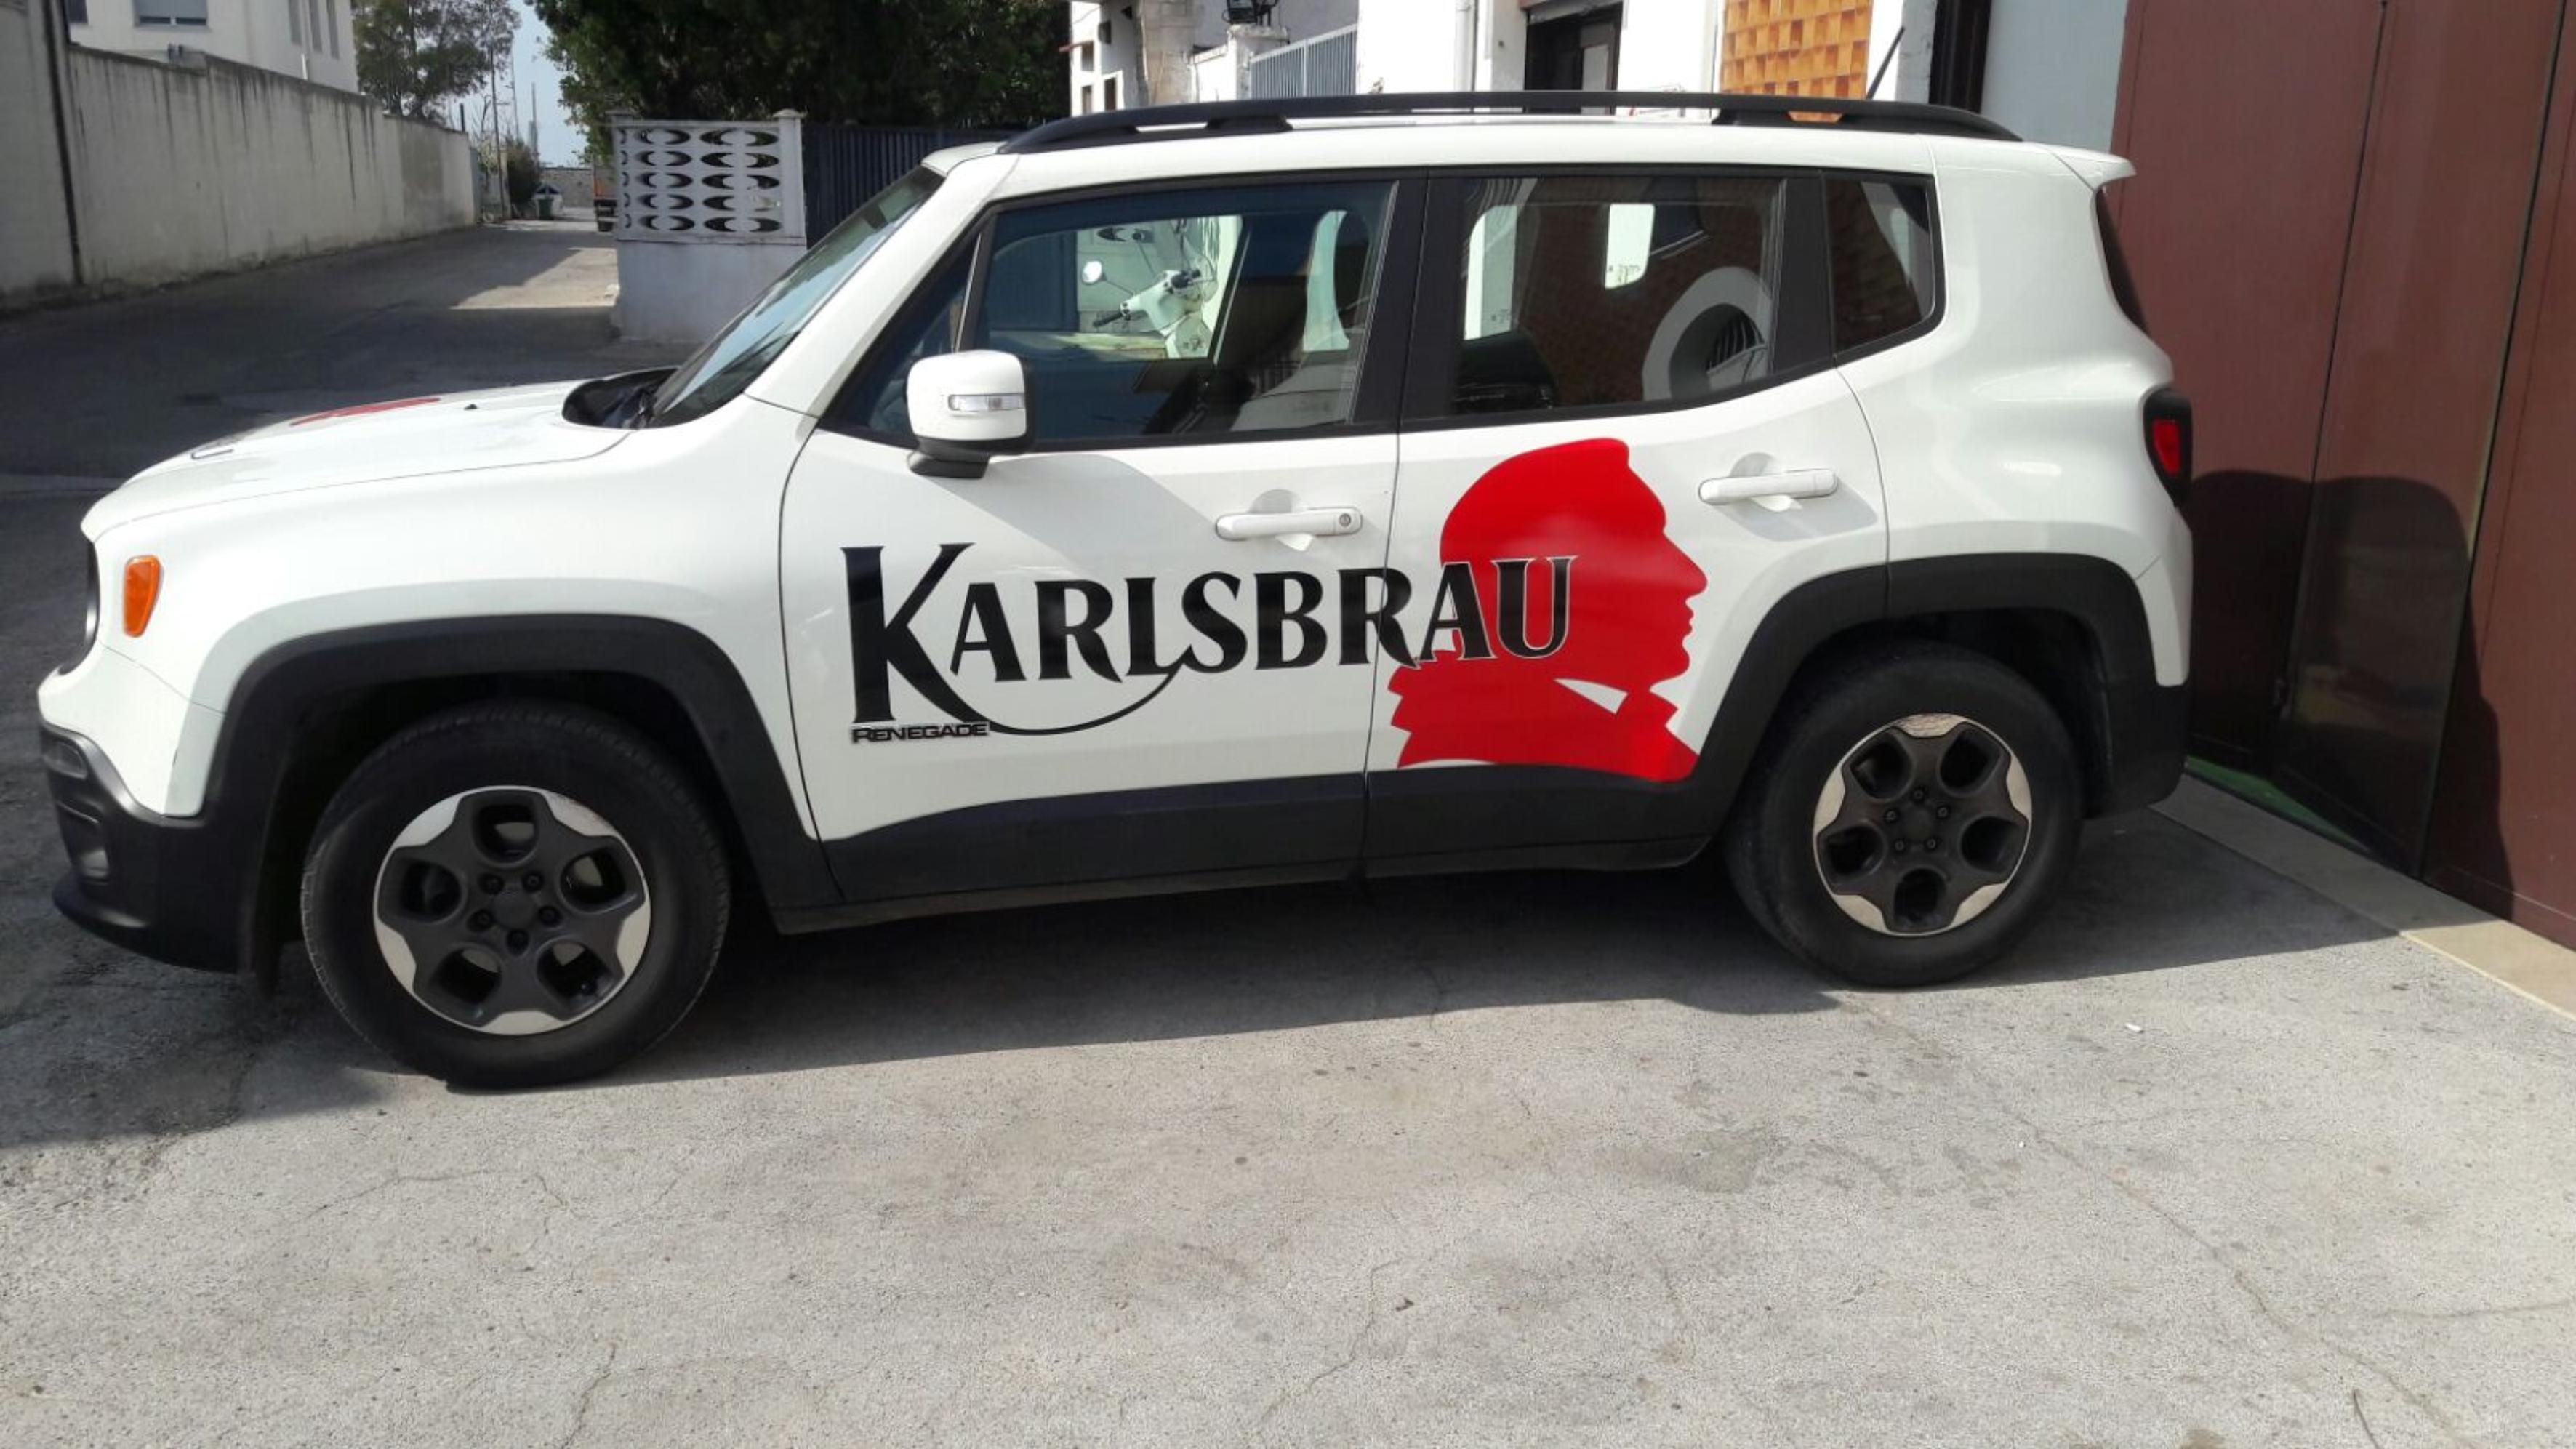 Karlsbrau